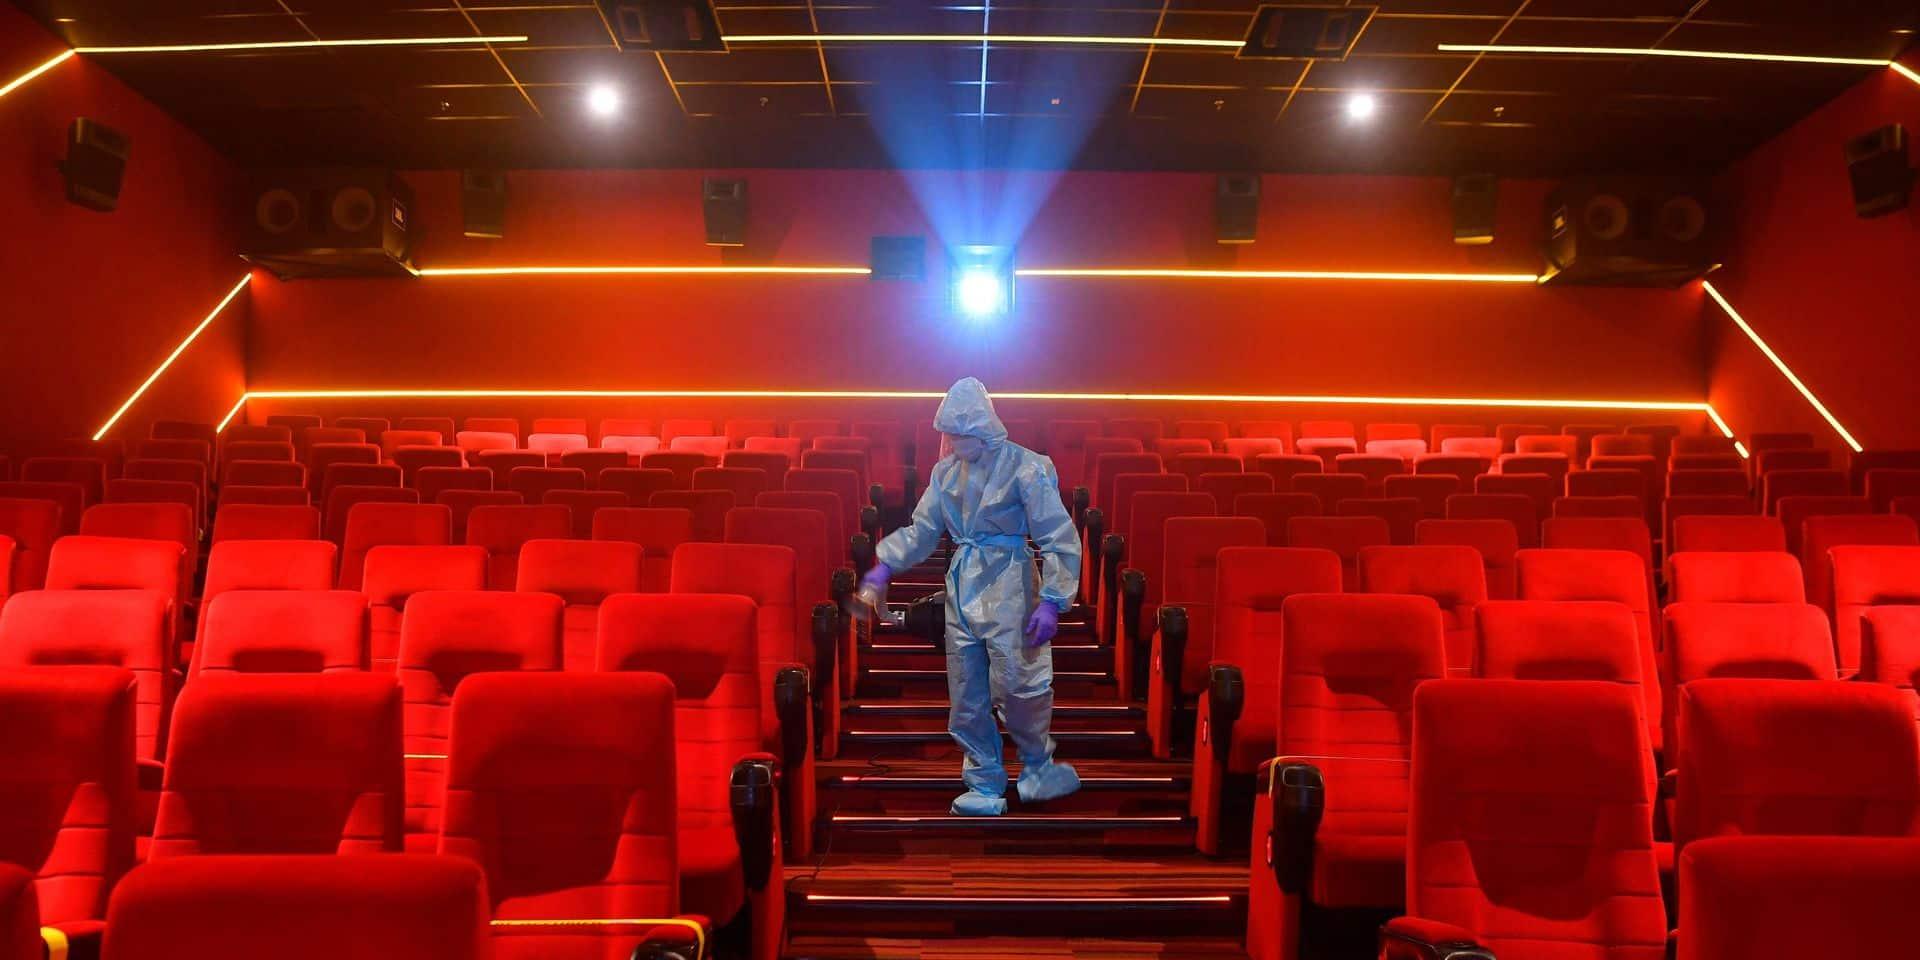 Surprenant: un cinéma fait salle (à moitié) comble depuis l'annonce de l'interdiction des snacks et boissons